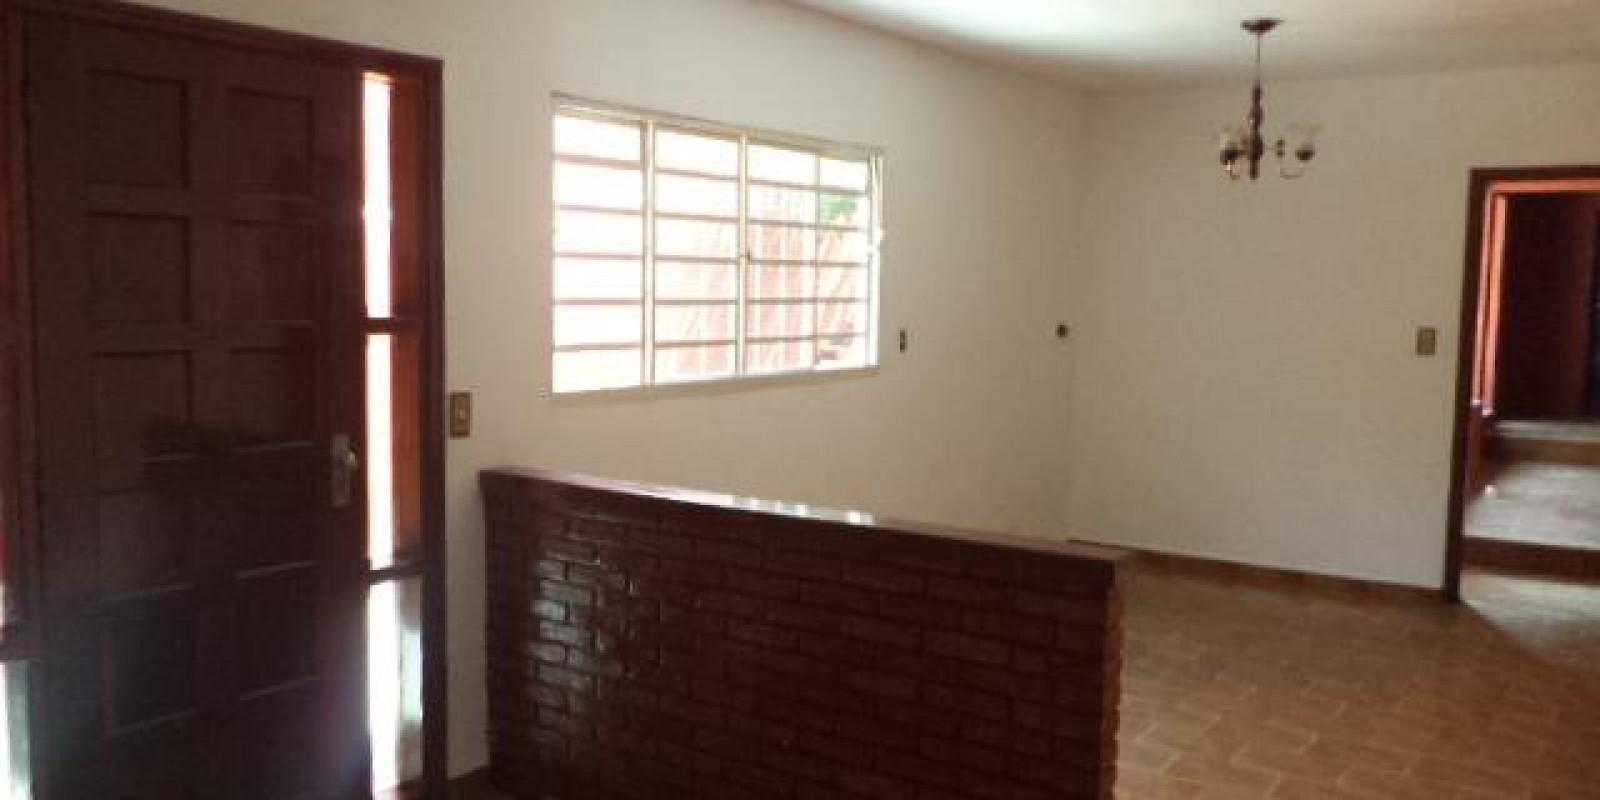 Casa Residencial e Comercial no Bairro Vila Martins III em Avaré SP - Foto 13 de 14